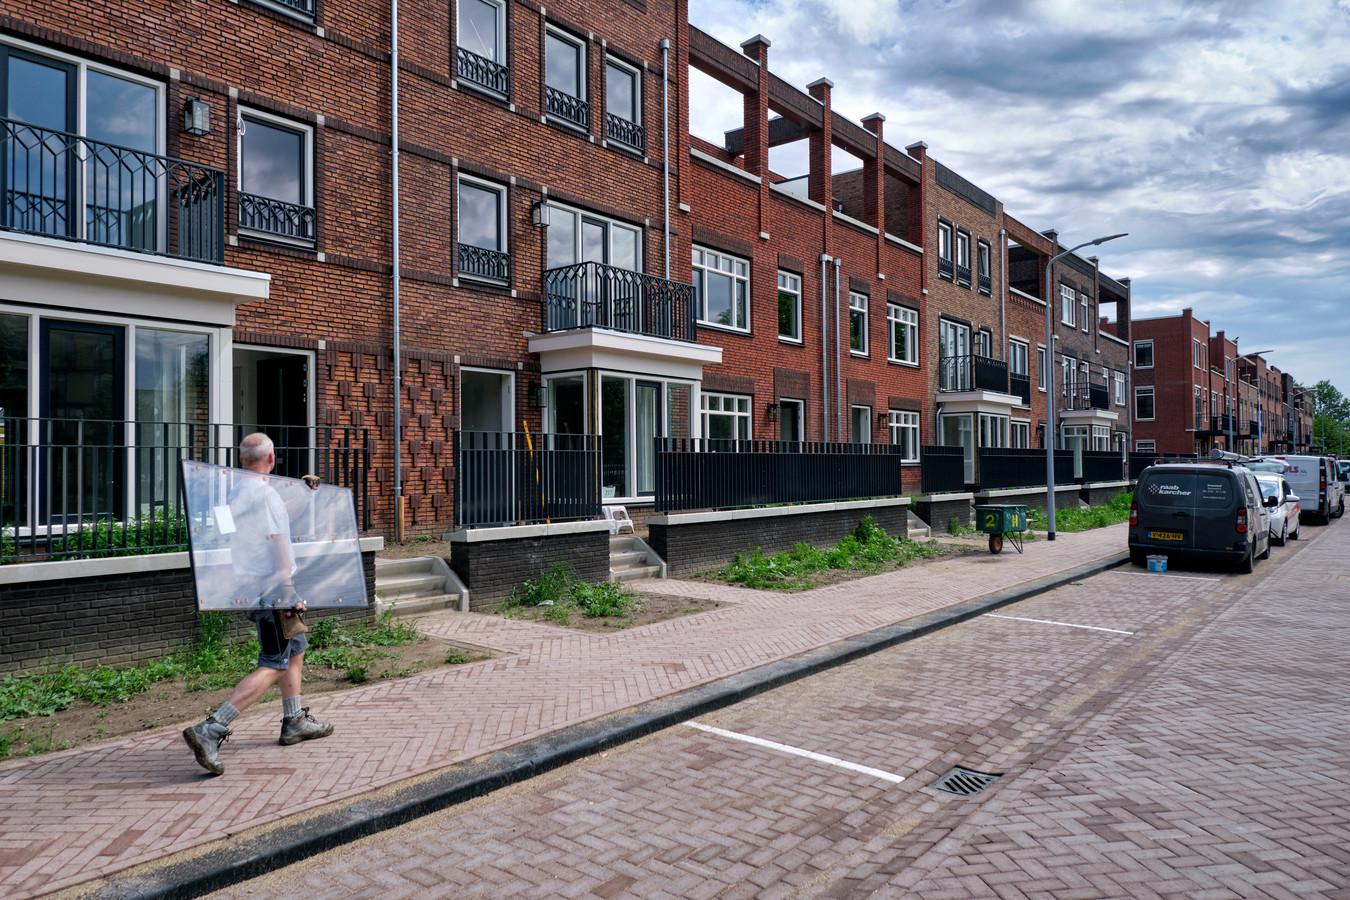 Mogelijk gaat Dordrecht kopers van enkele nieuwbouwwoningen verplichten om ook daadwerkelijk in dat pand te gaan wonen. Als dat gebeurt, is dat bij wijze van proef.